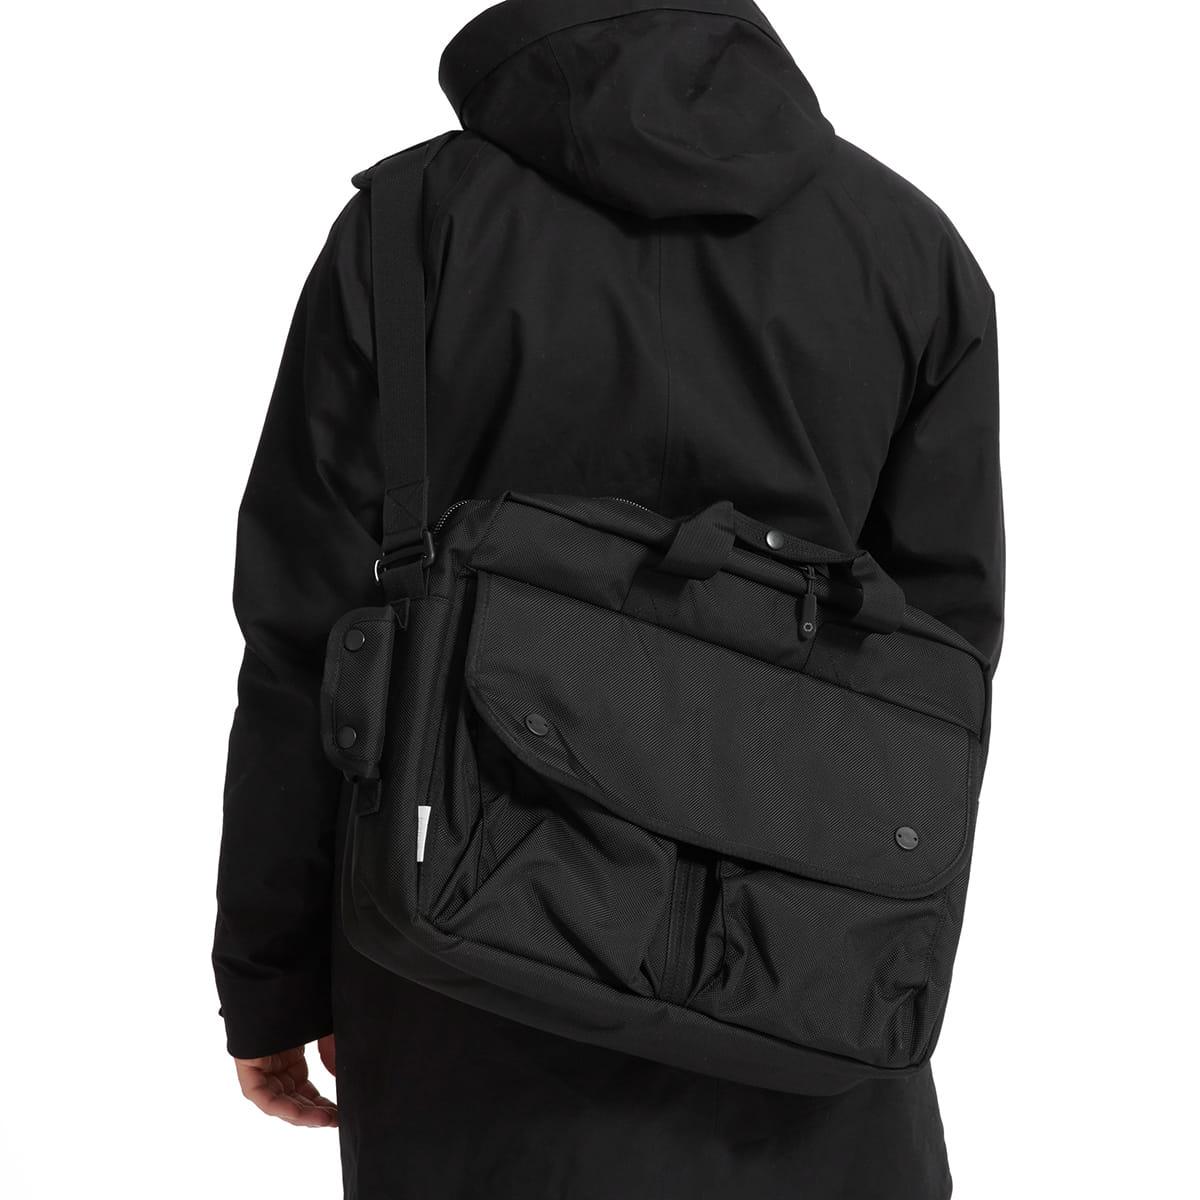 大容量バックパックに3Wayバッグ。ブランド「DSPTCH」であなたに寄り添うバッグ選びを life180405-dsptch7-1200x1200